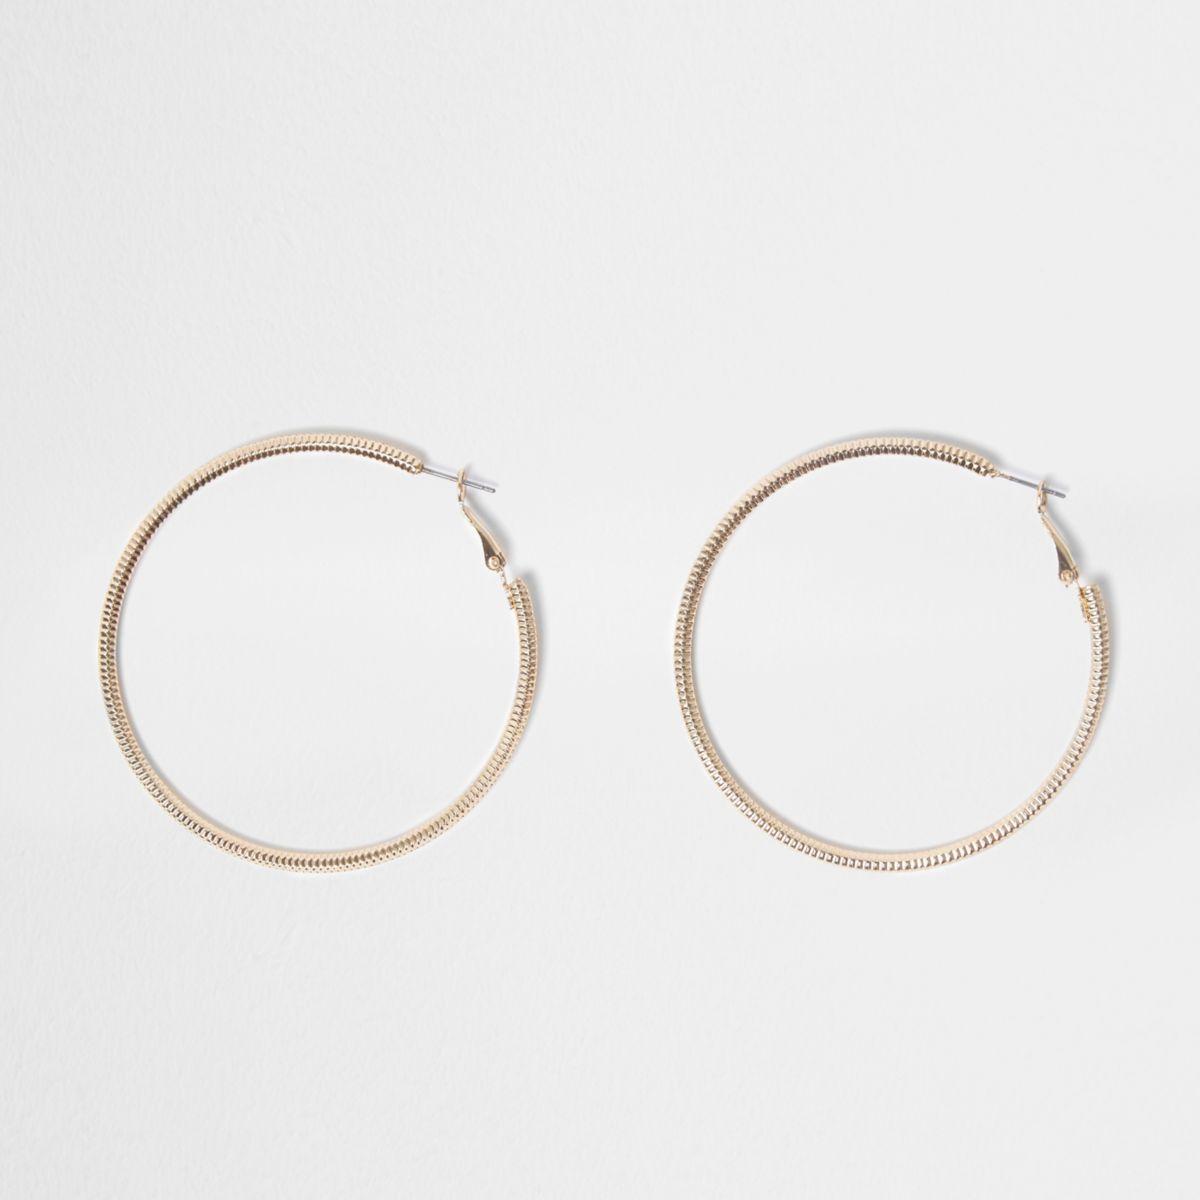 Gold tone faceted hoop earrings